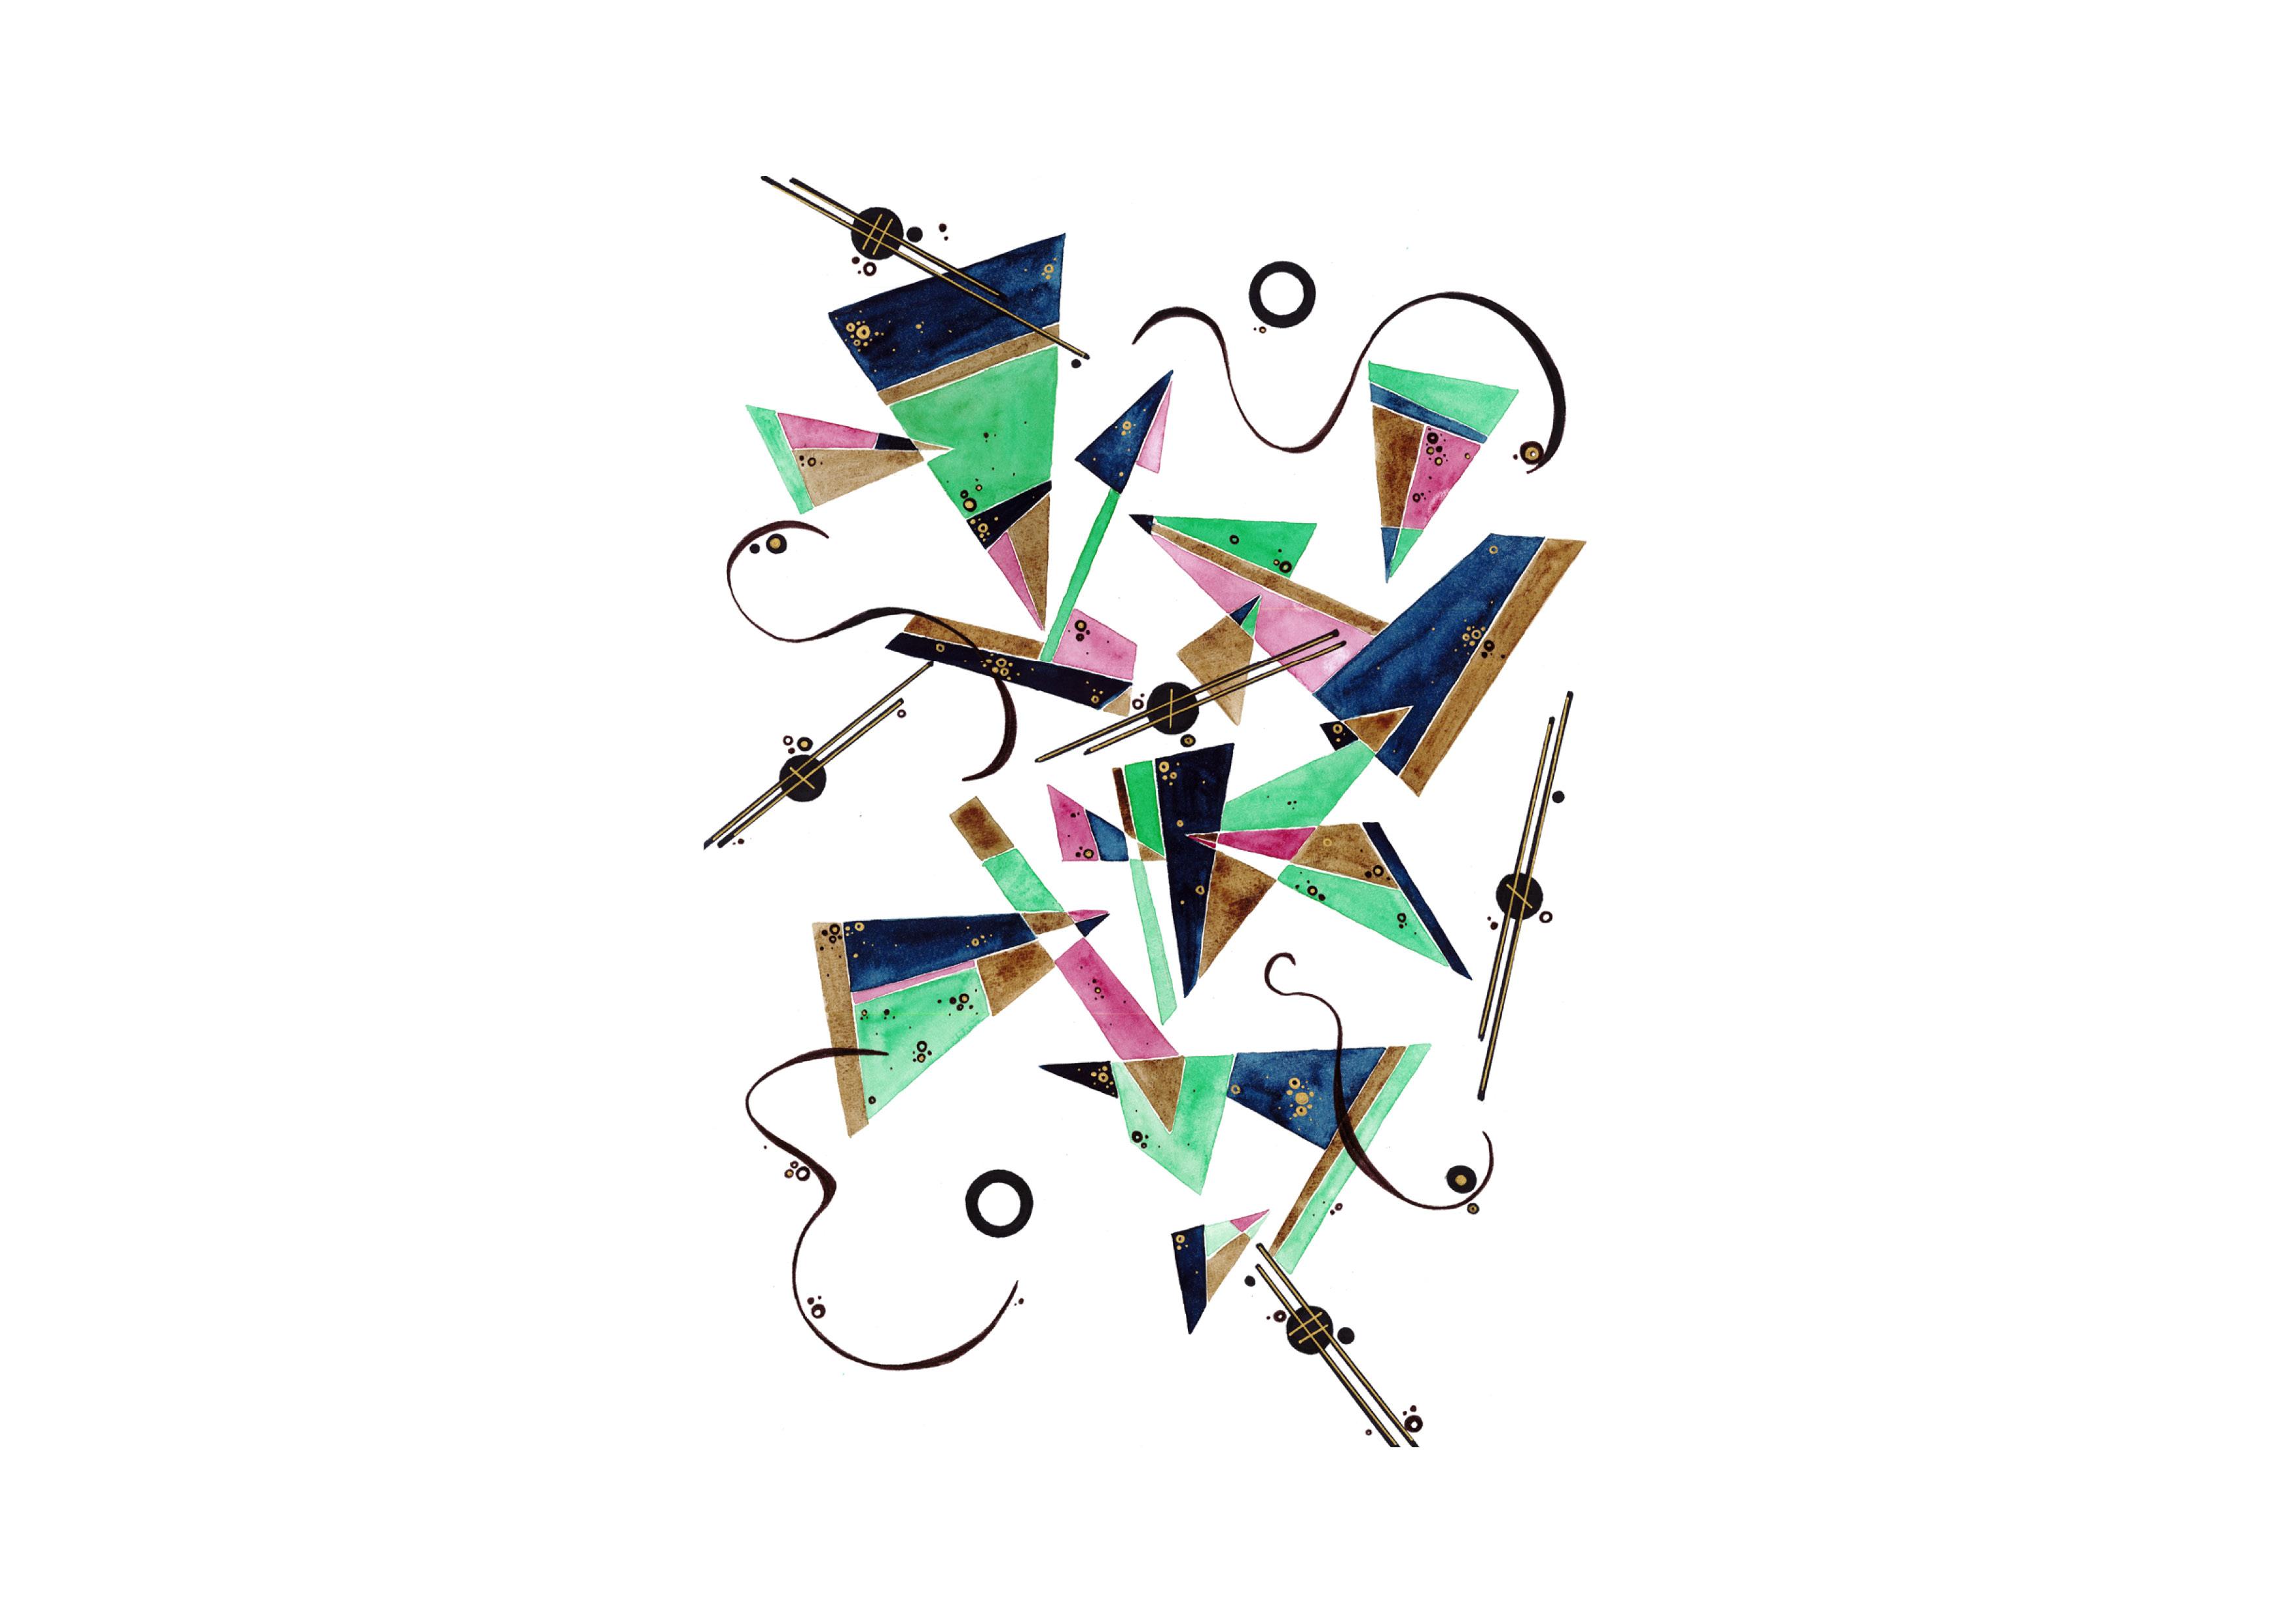 Pratique variée en arts visuels (dessin, peinture, photographie et manipulations d'objets)